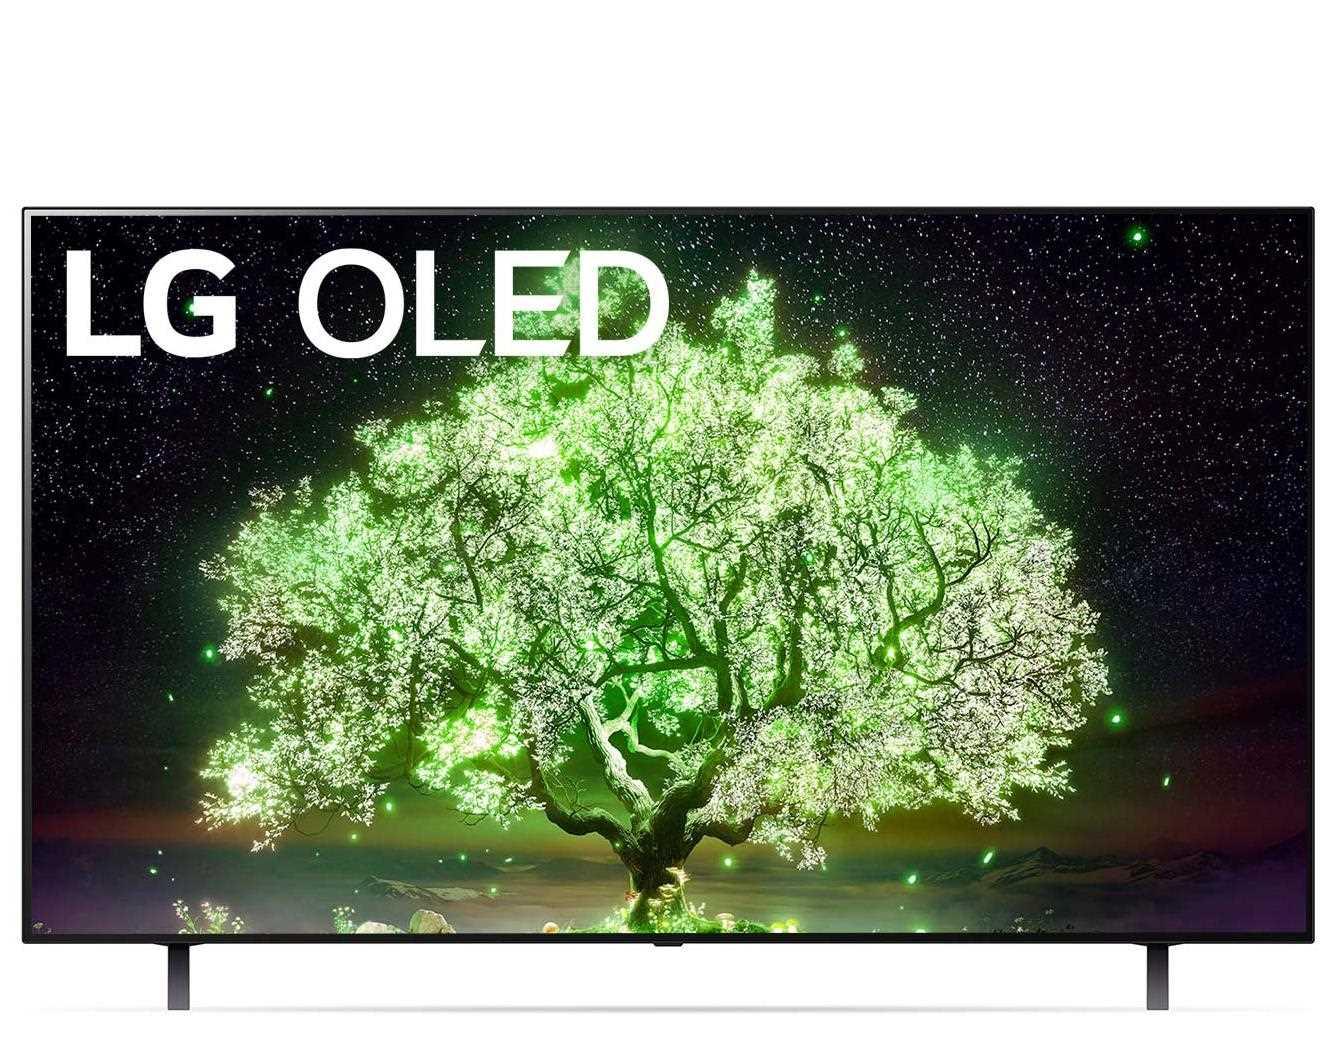 טלוויזיה 65 אינץ' דגם OLED 65A16LA/PVA  בטכנולוגיית LG OLED 4K Ultra HD אל ג'י - תמונה 2